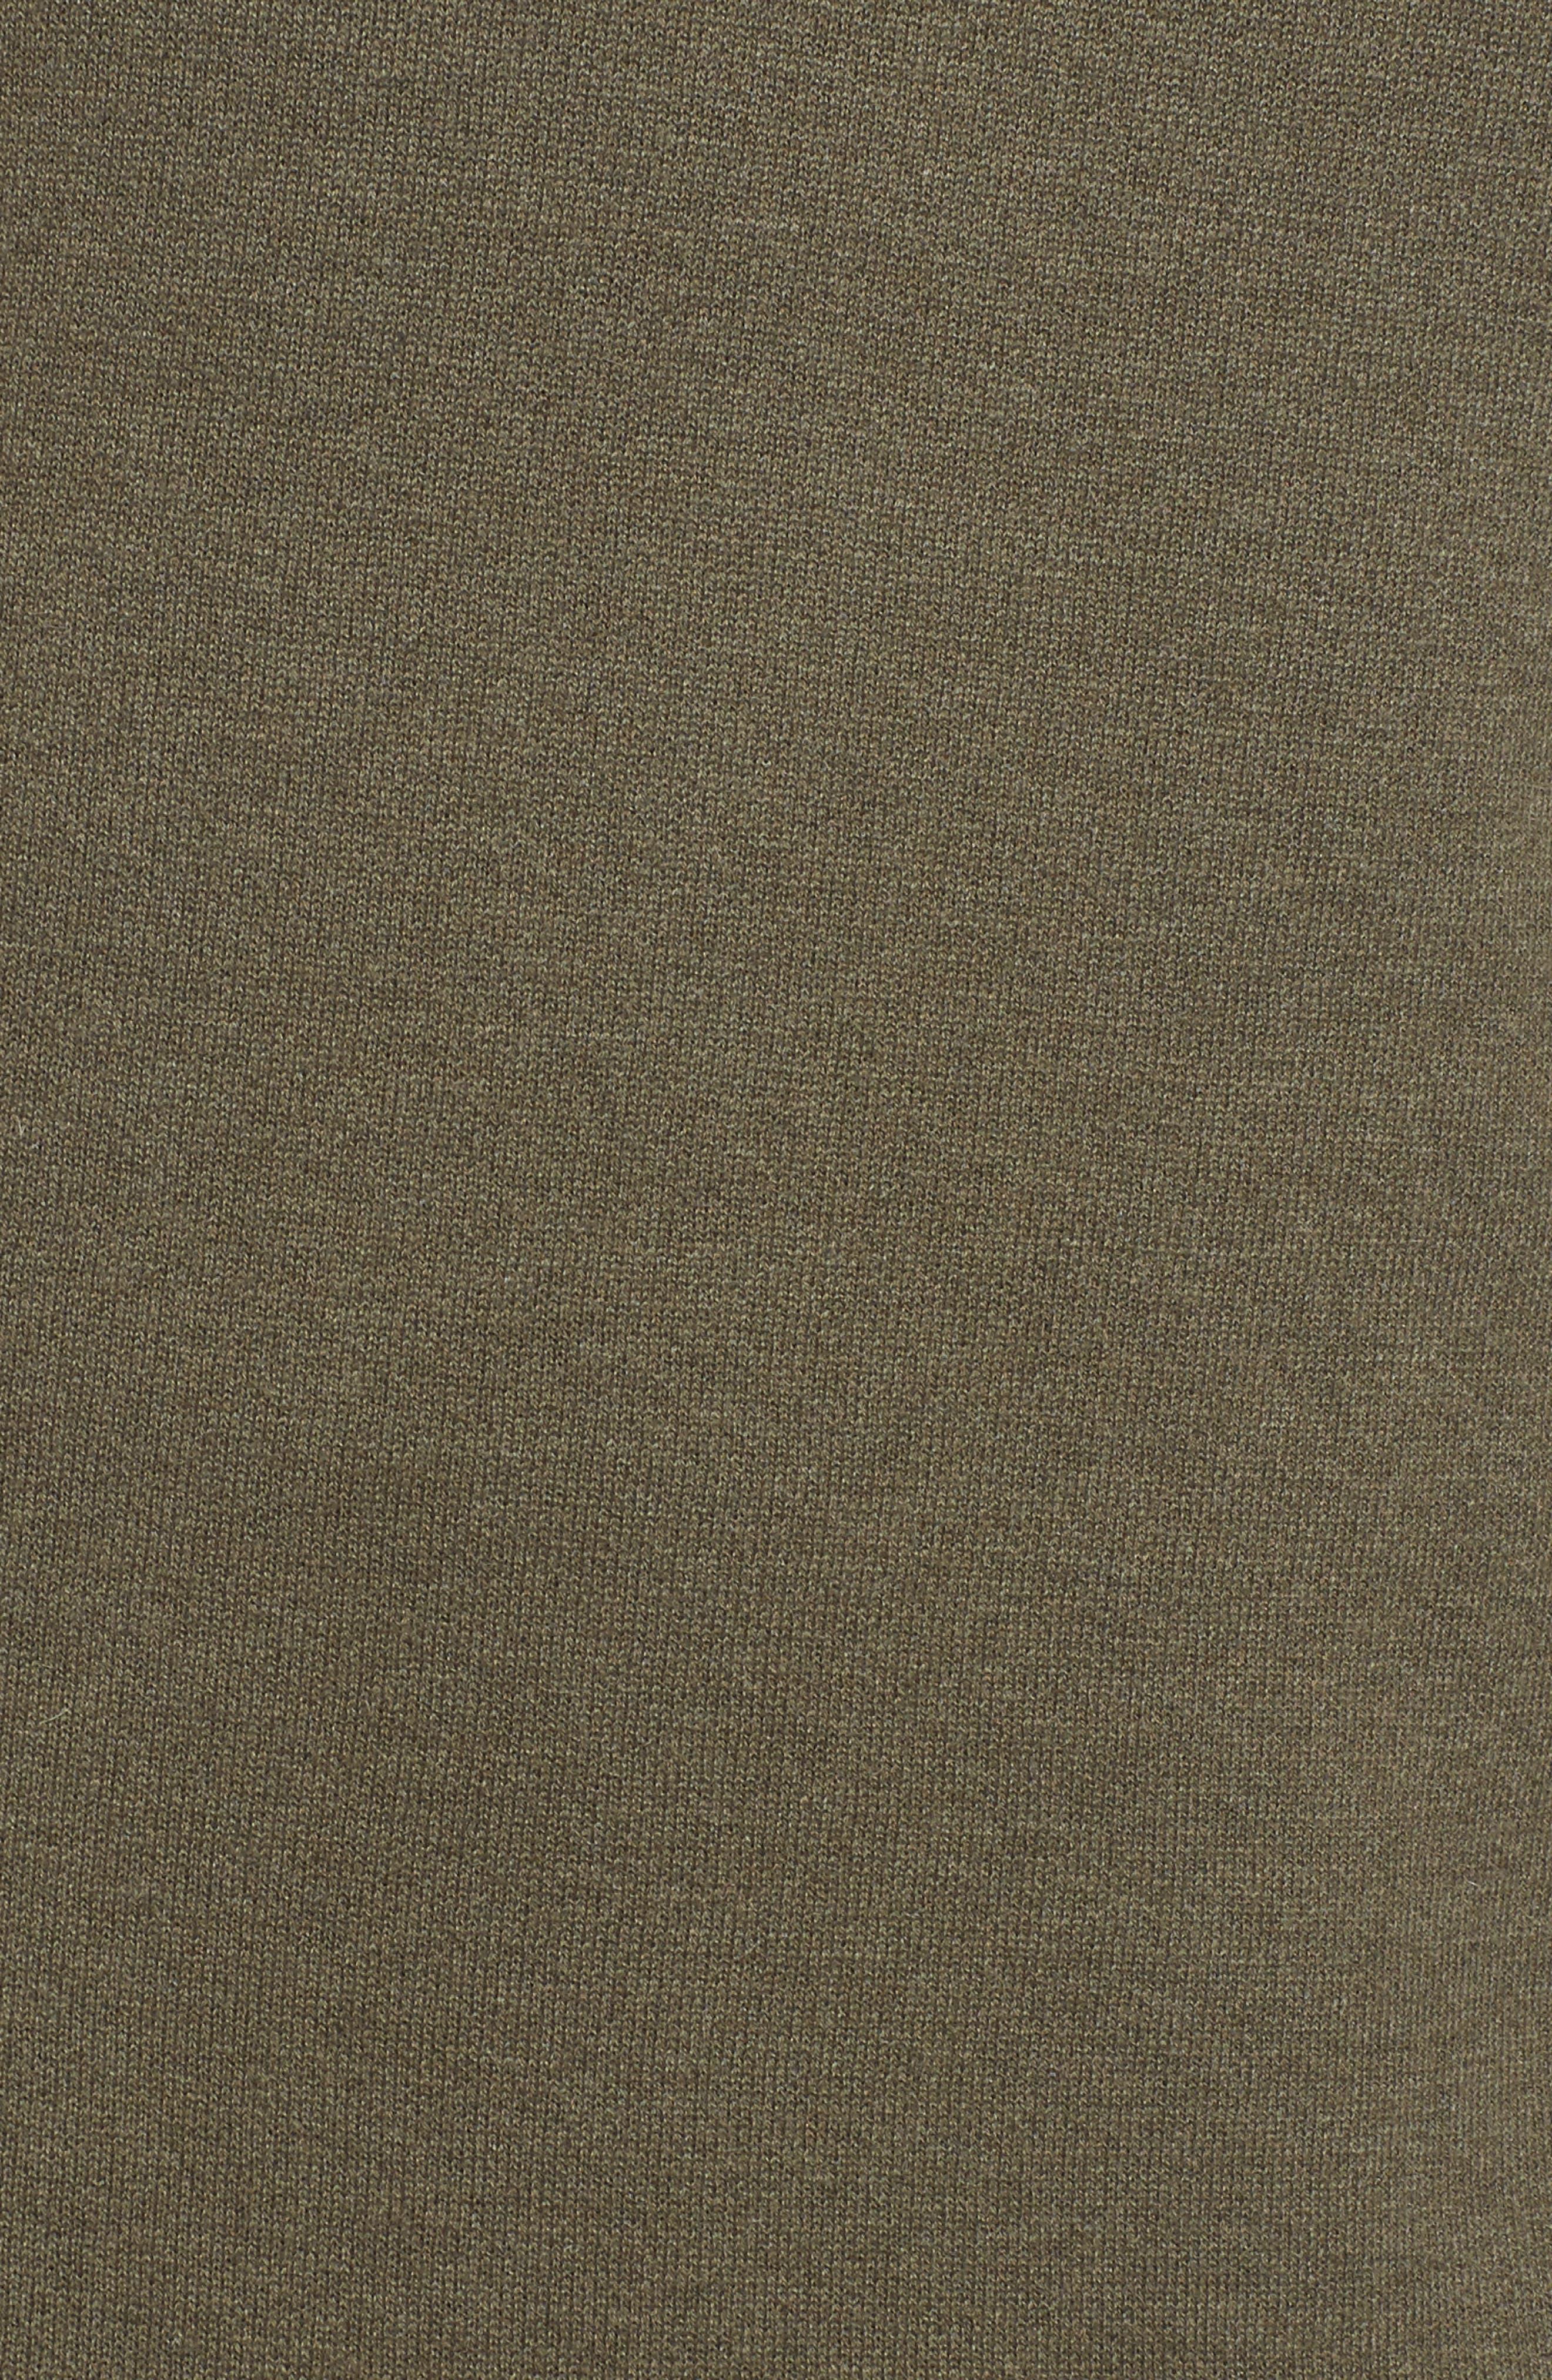 Ruffle Hem Cashmere Blend Tunic,                             Alternate thumbnail 5, color,                             315